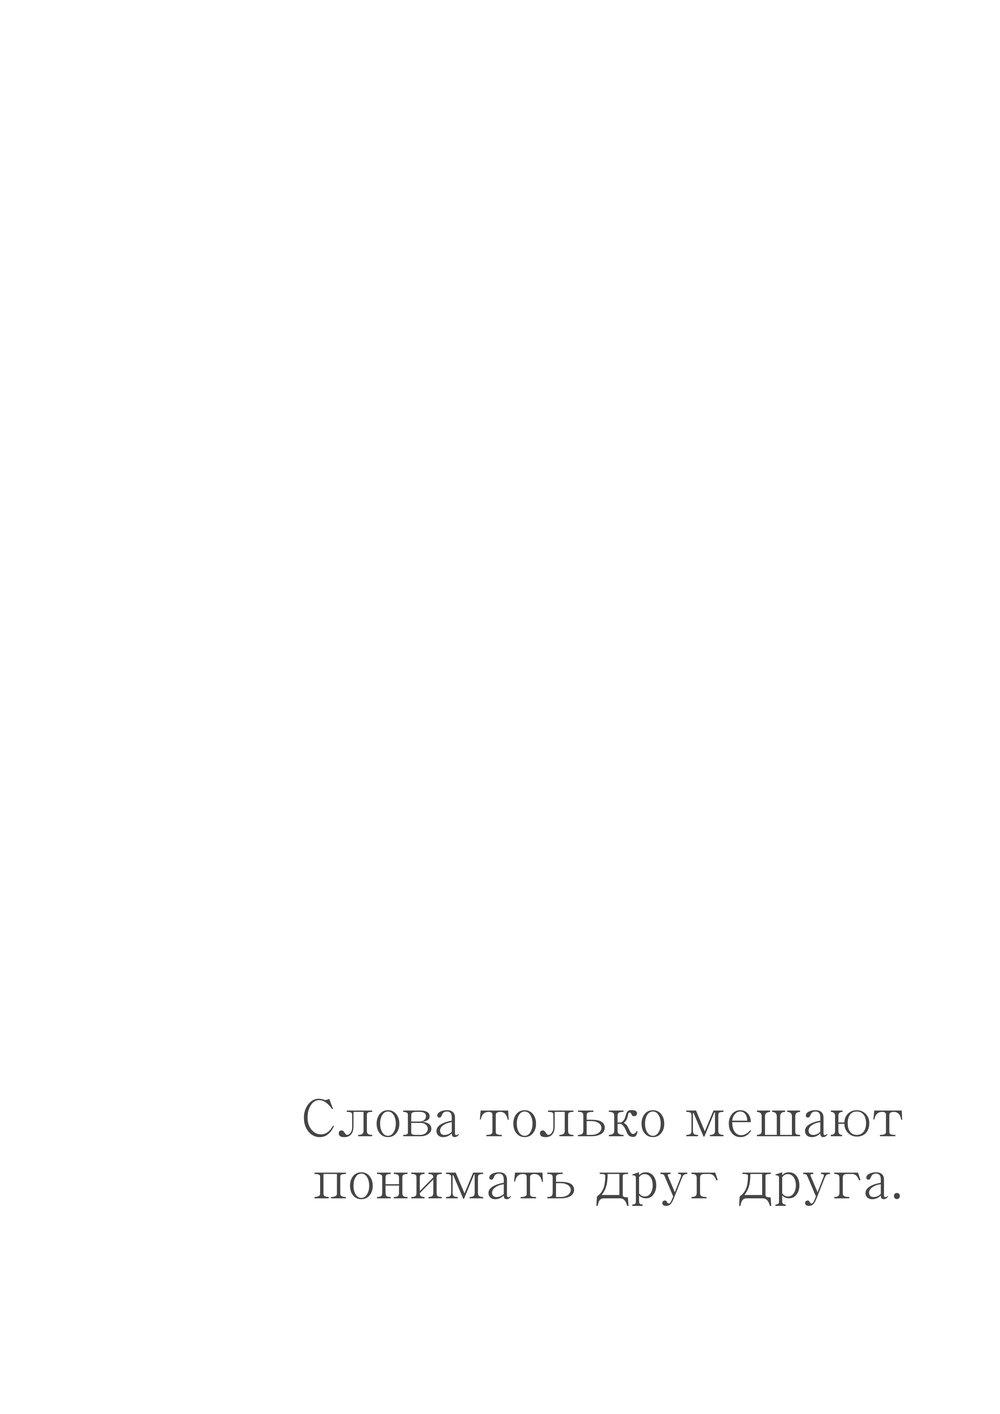 citaat-006.jpeg